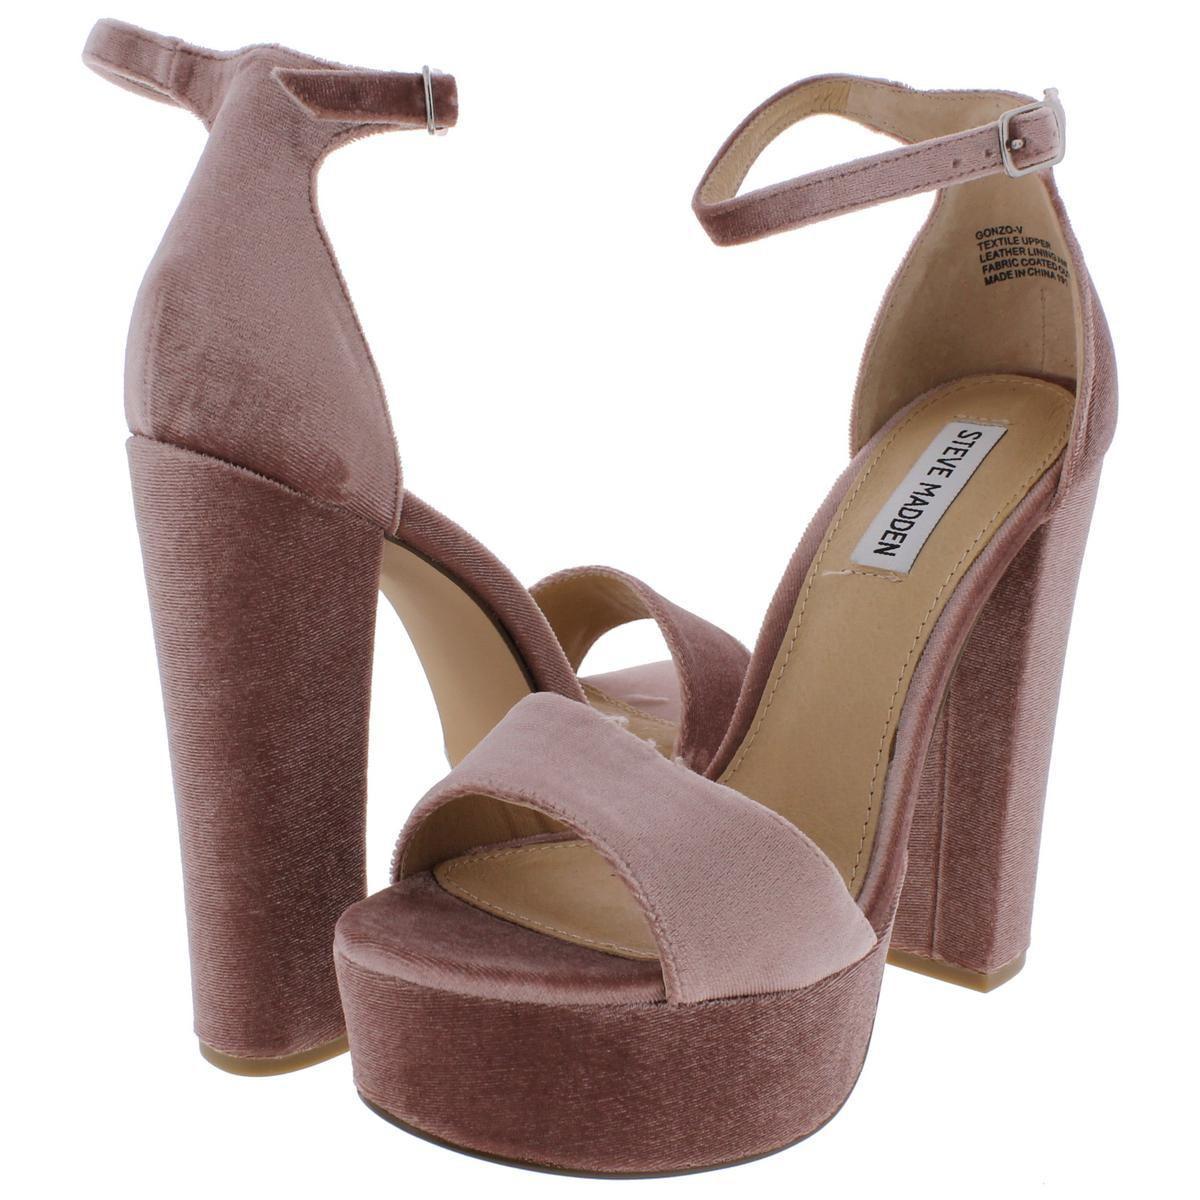 935399a9cf1 Steve Madden - Multicolor Womens Gonzo-v Velvet Platform Dress Sandals -  Lyst. View fullscreen